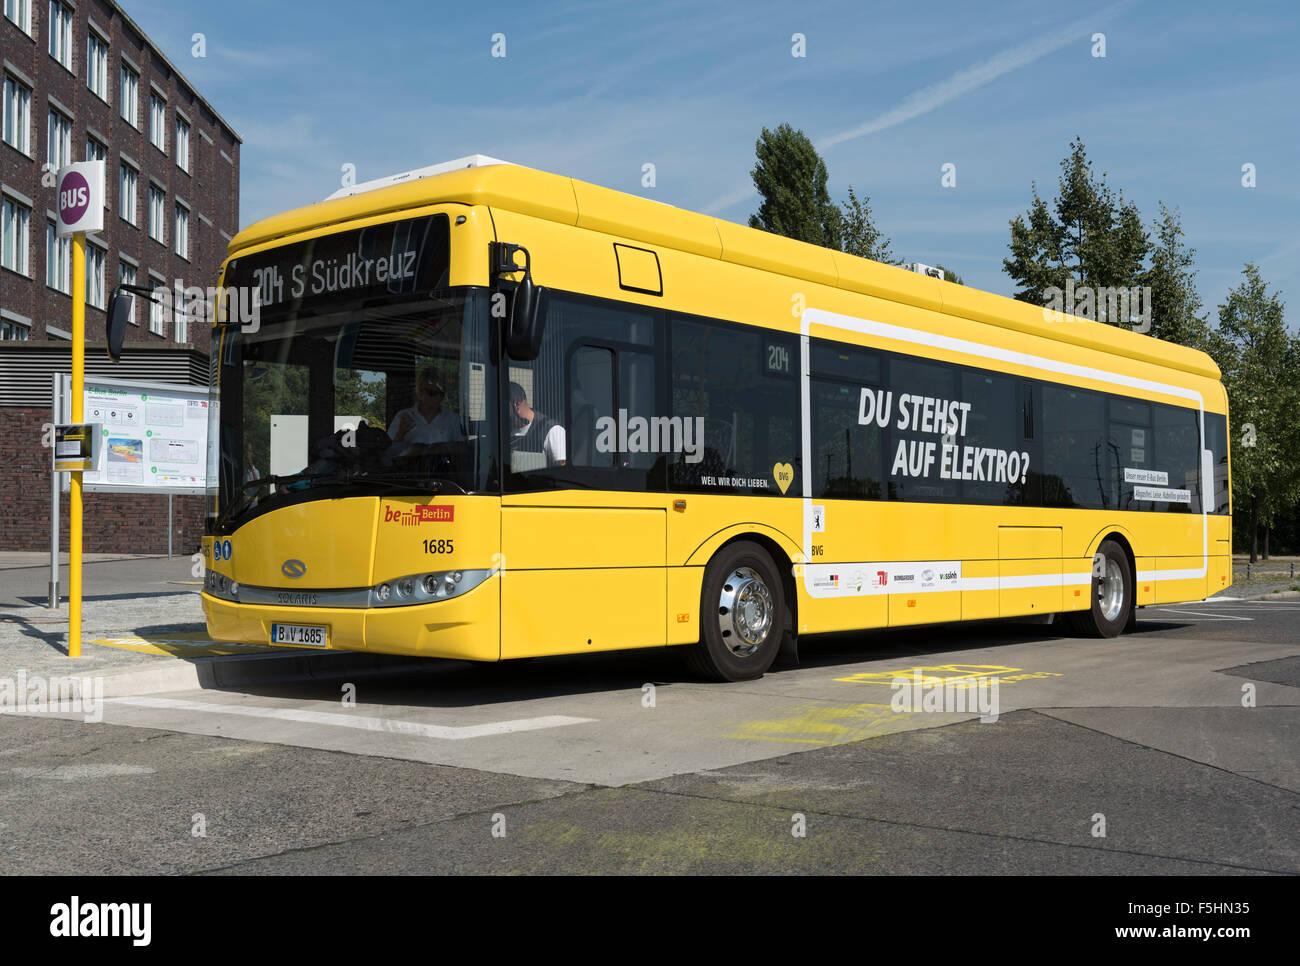 Berlin Deutschland E Bus Berlin Bvg Linie 204 Autos Im Jahr 1685